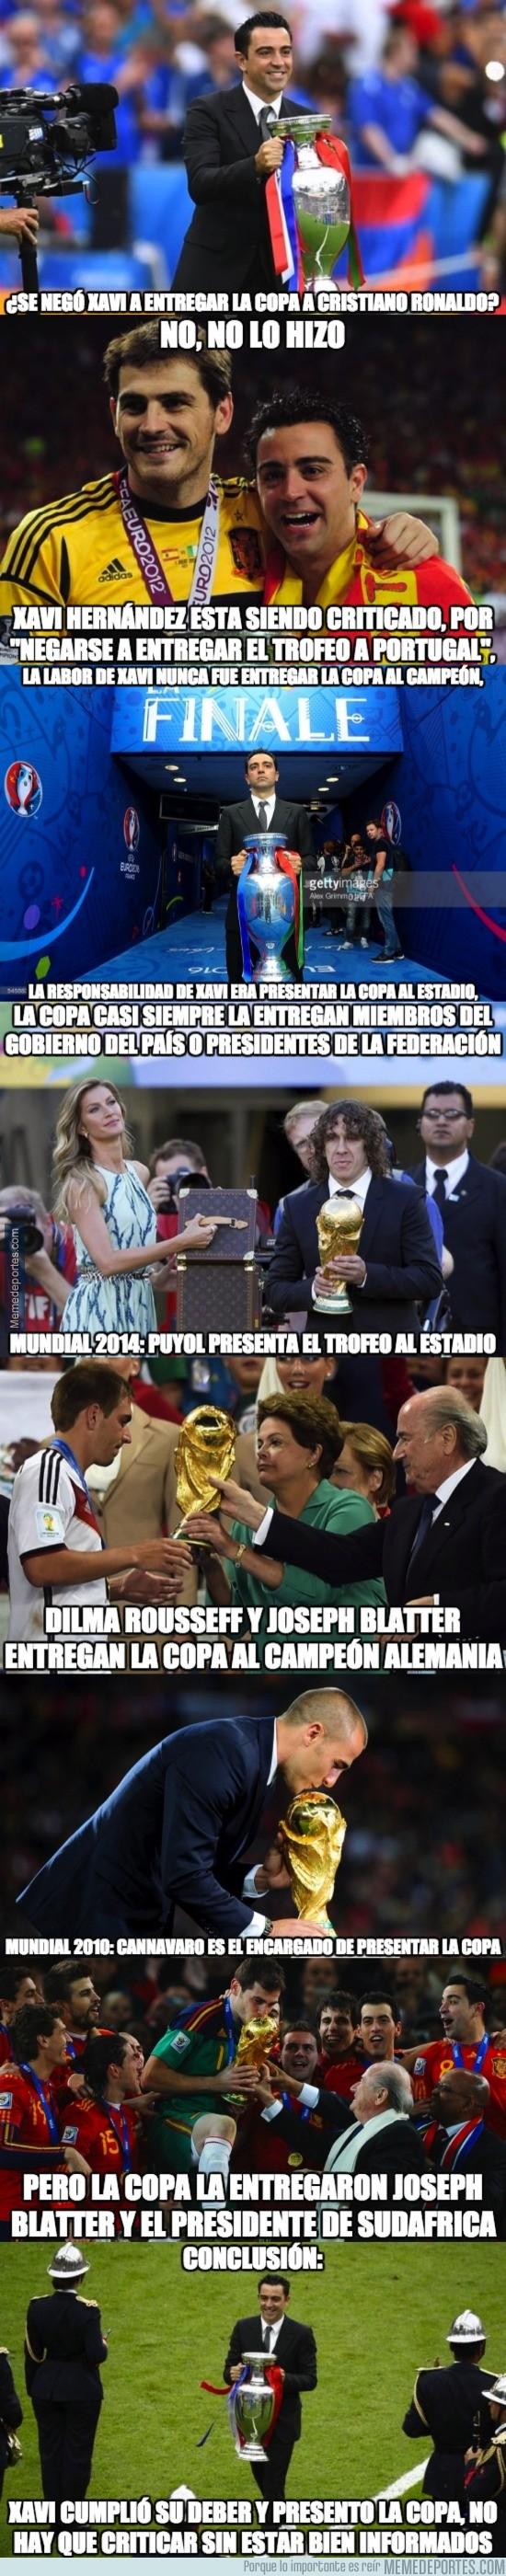 889198 - ¿Son lógicas las criticas a Xavi Hernández por no querer dar la copa a Cristiano?